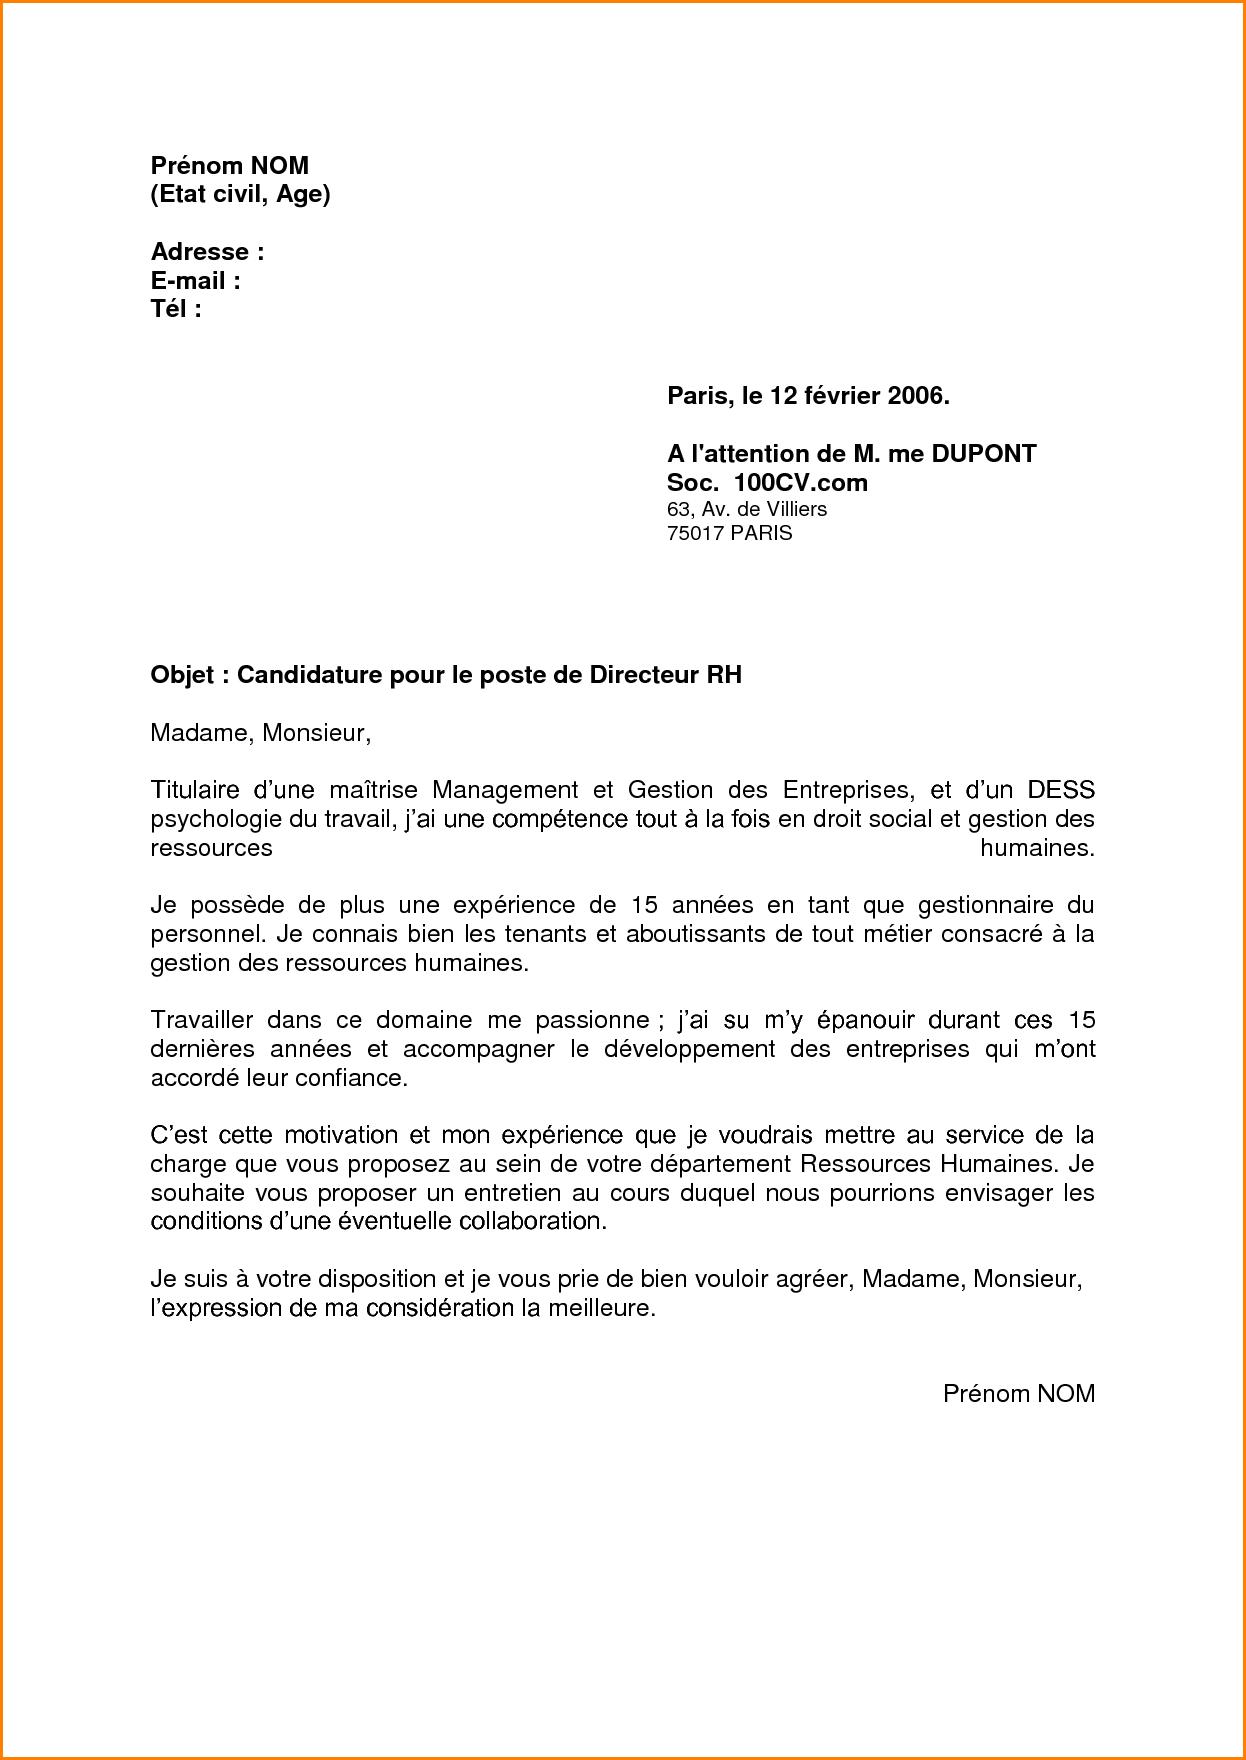 Modele lettre de motivation université - laboite-cv.fr